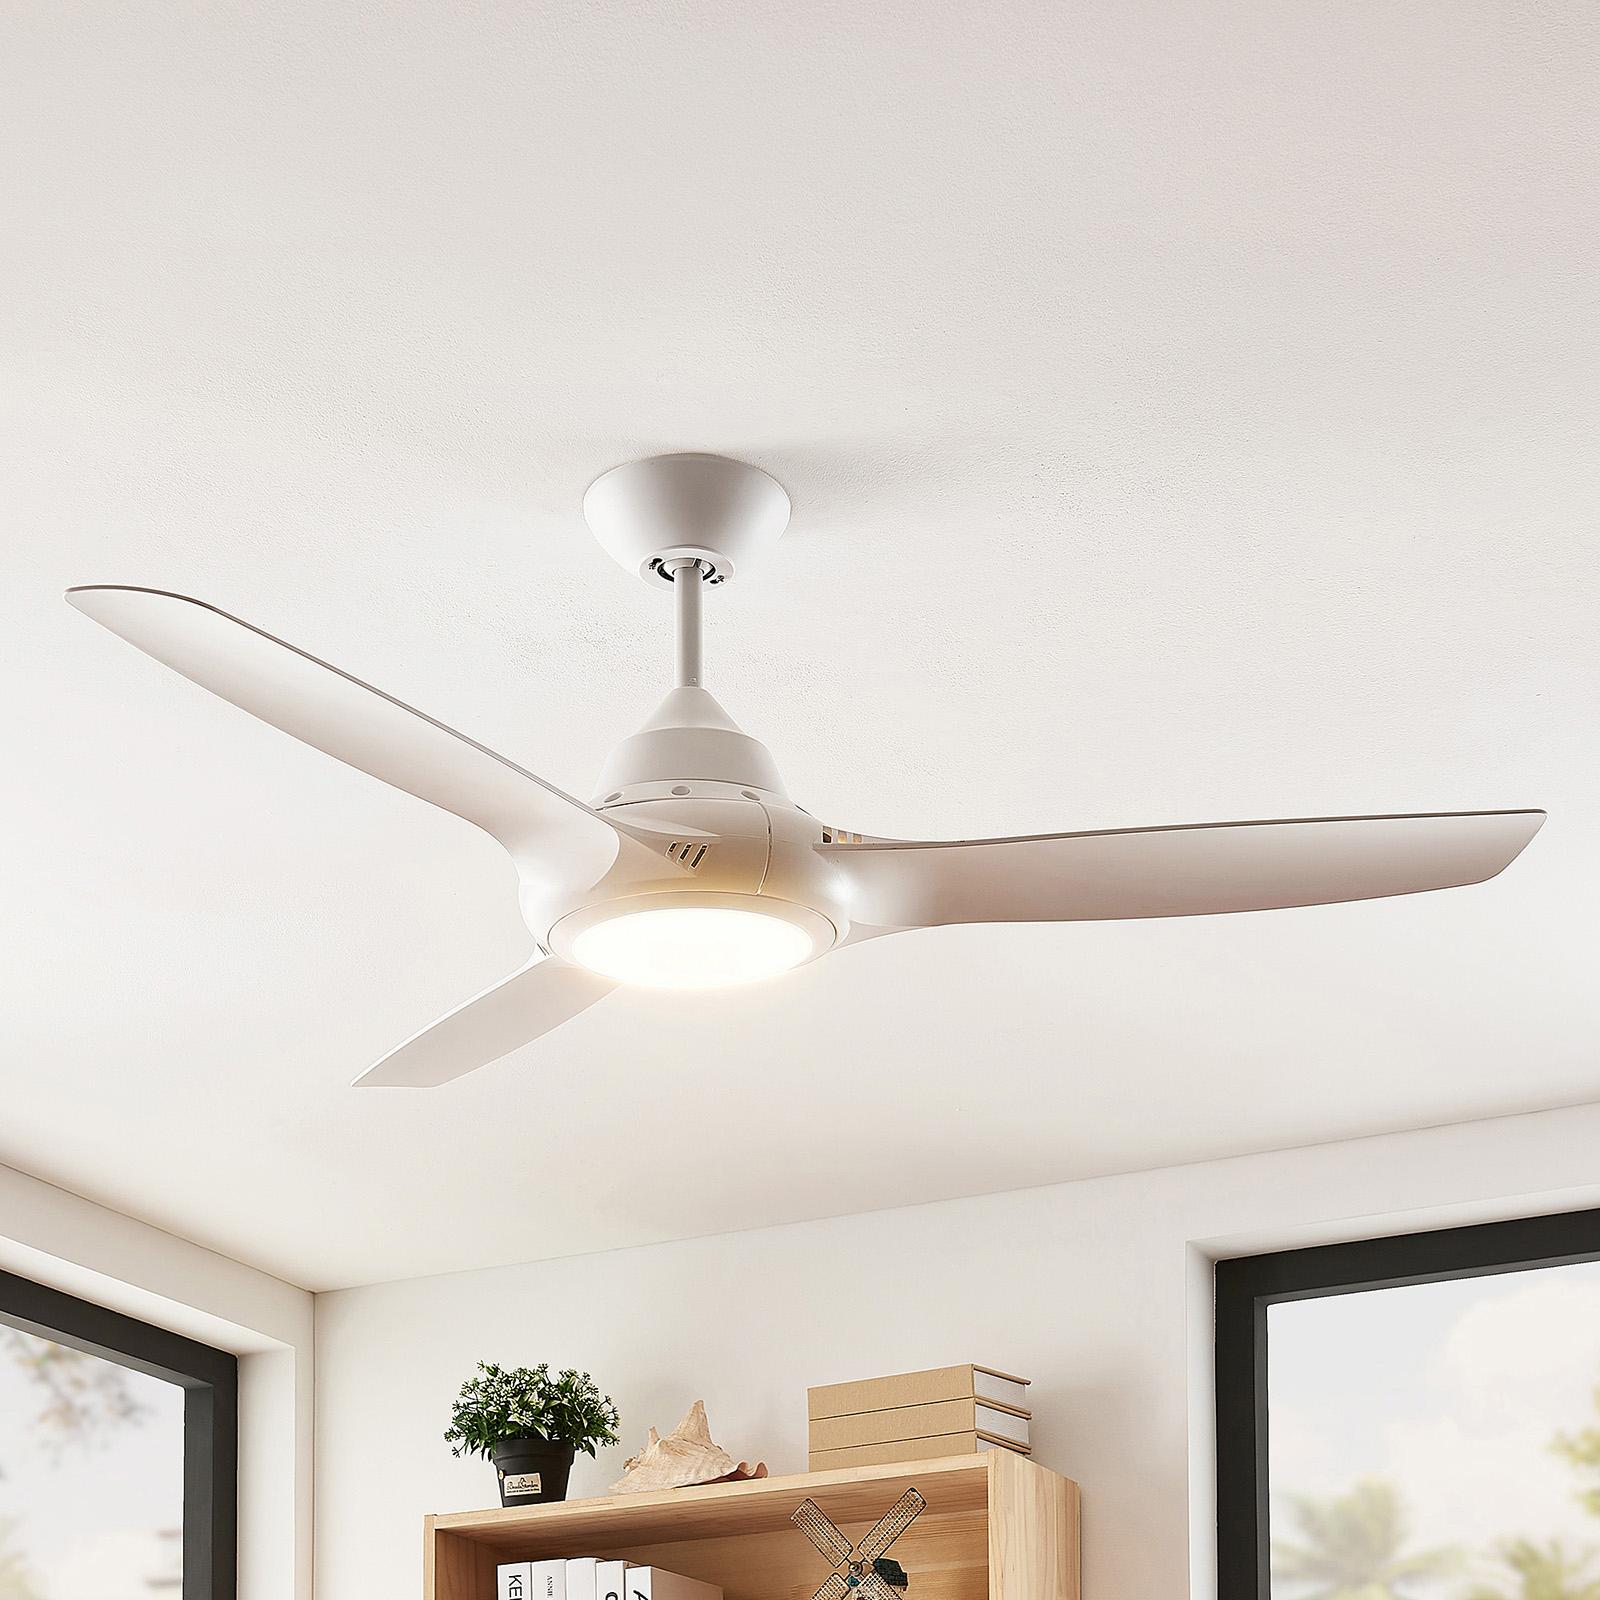 Arcchio Aila LED-Deckenventilator 3 Flügel weiß